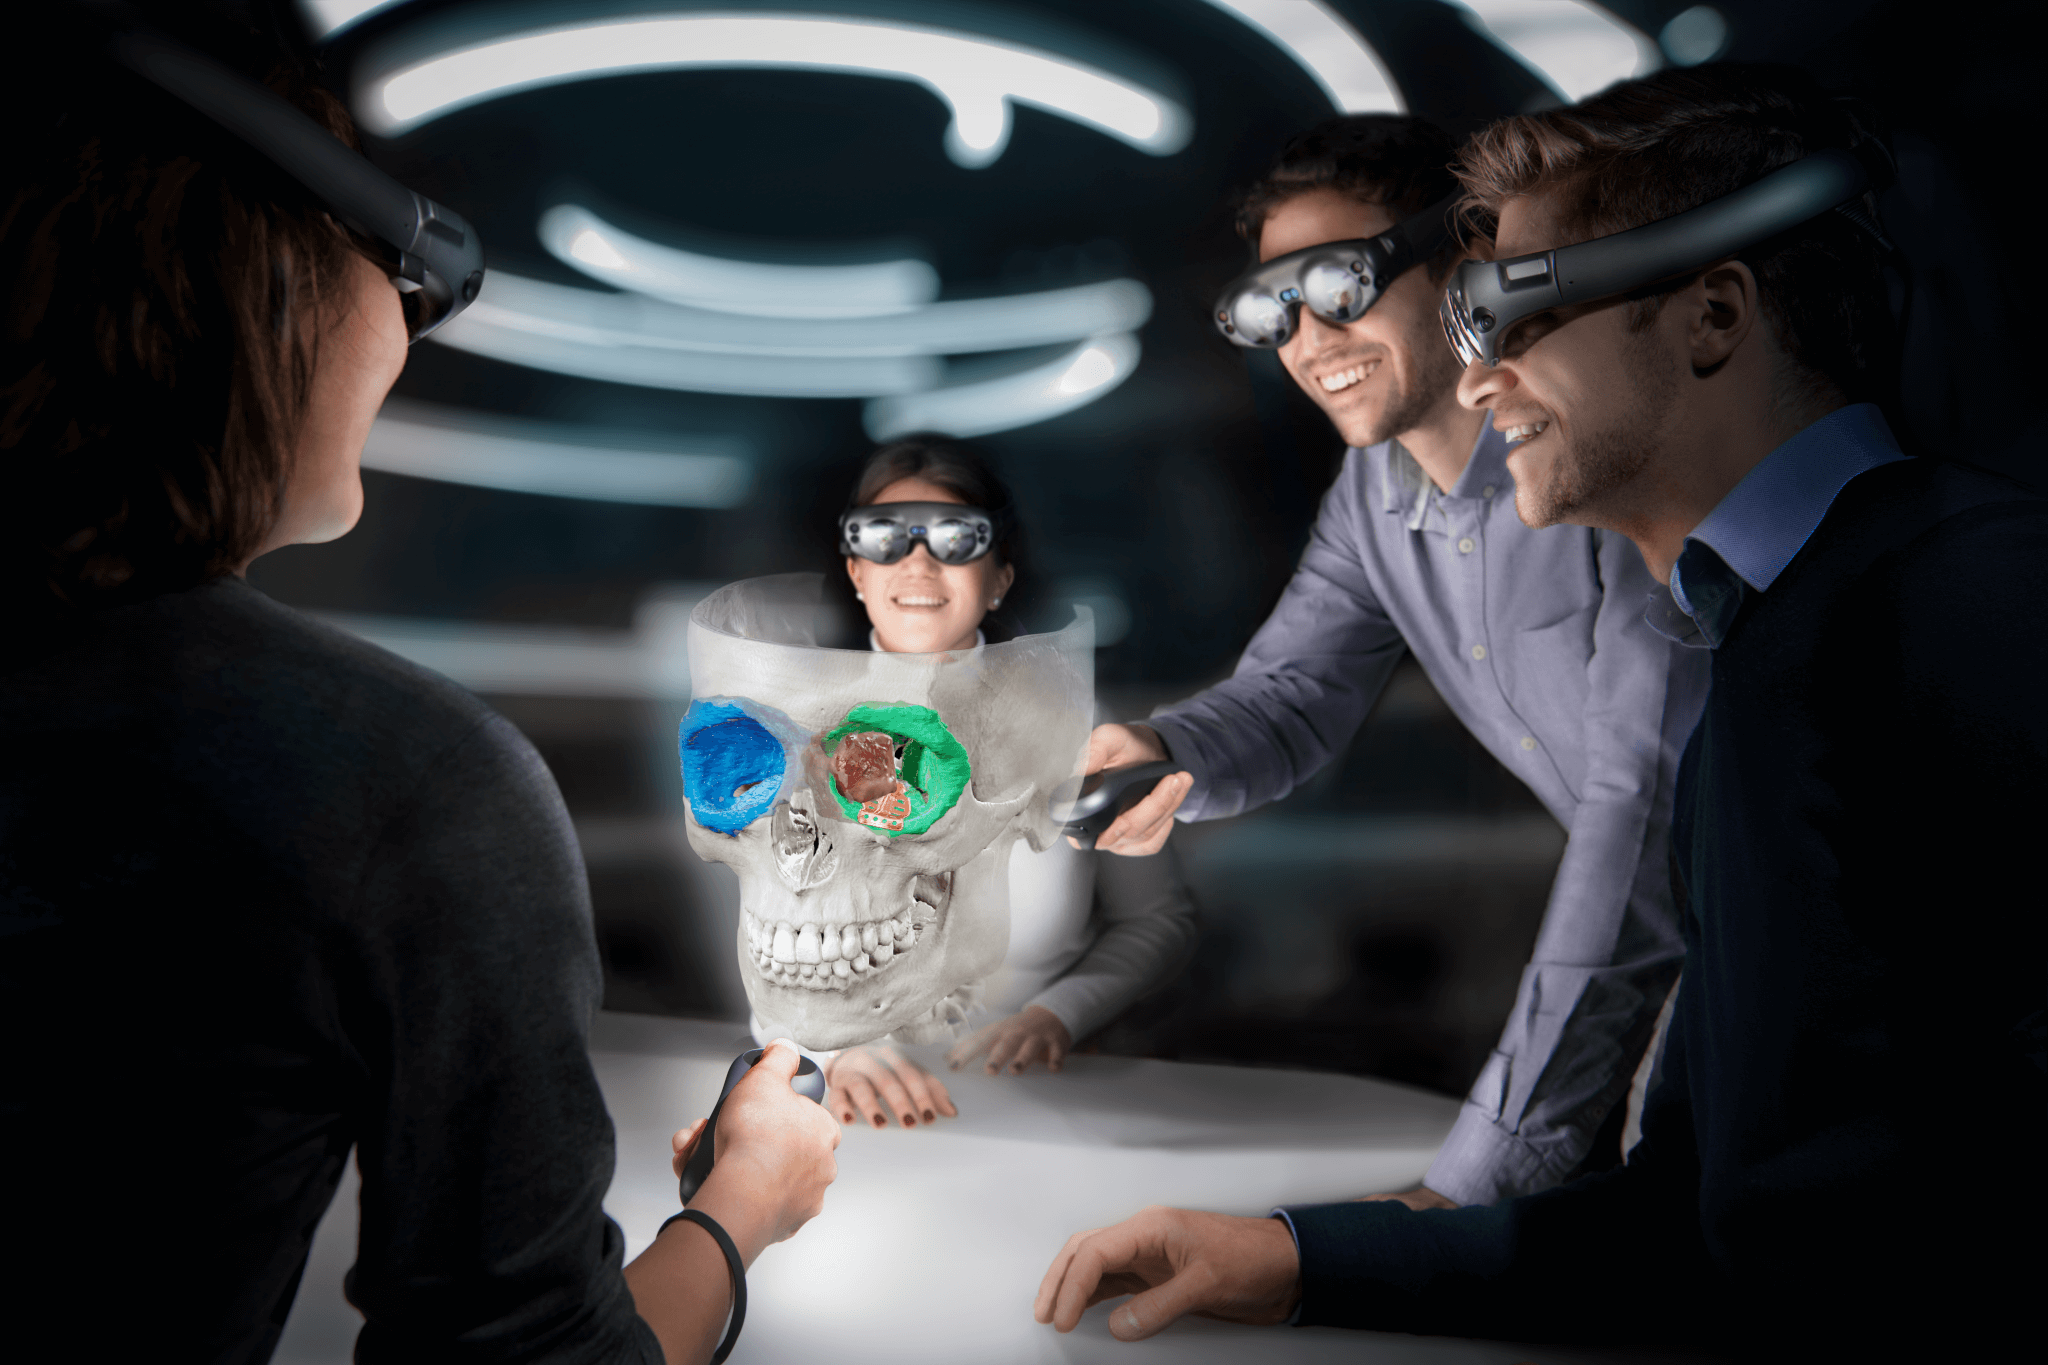 Tres personas con cascos Magic Leap se acercan para estudiar una proyección de realidad mixta de un cráneo con objetos segmentados para cirugía maxilofacial mientras una cuarta persona manipula la proyección con un controlador